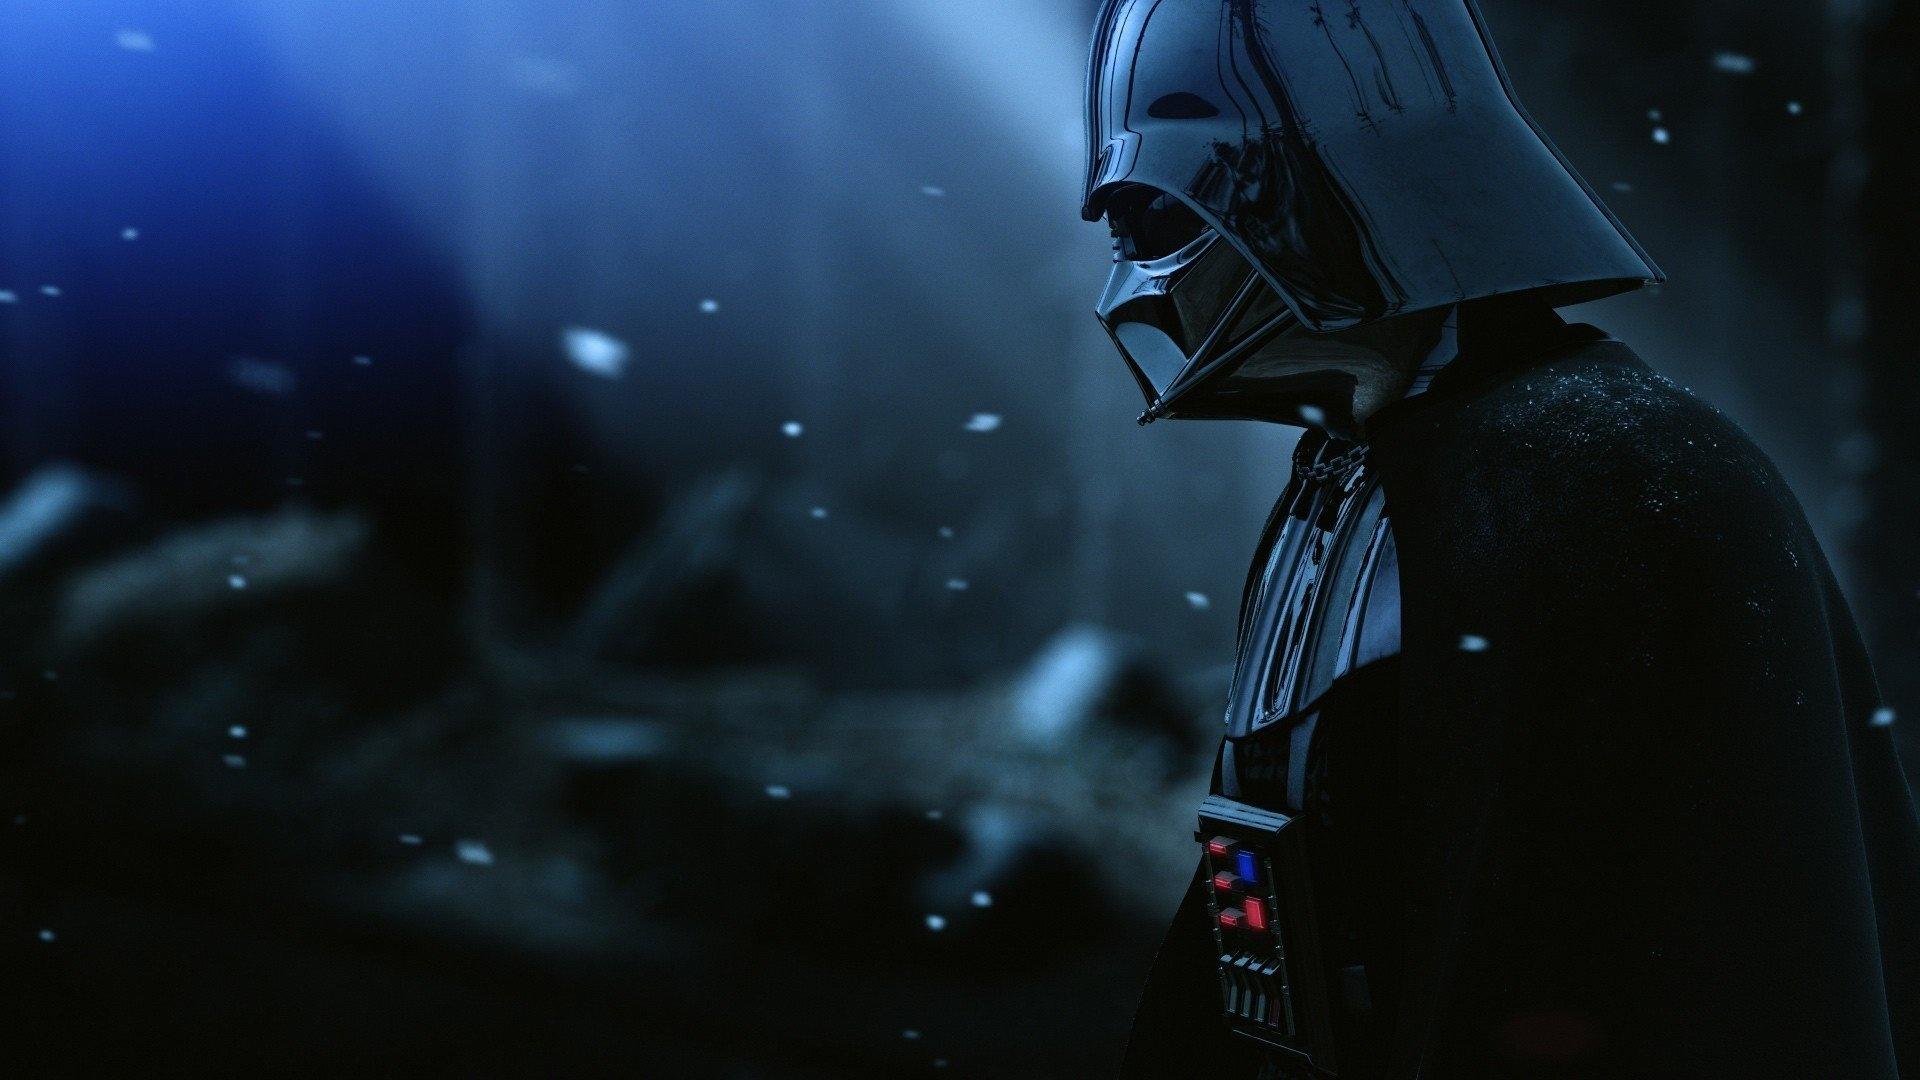 Star Wars 1920x1080 wallpaper